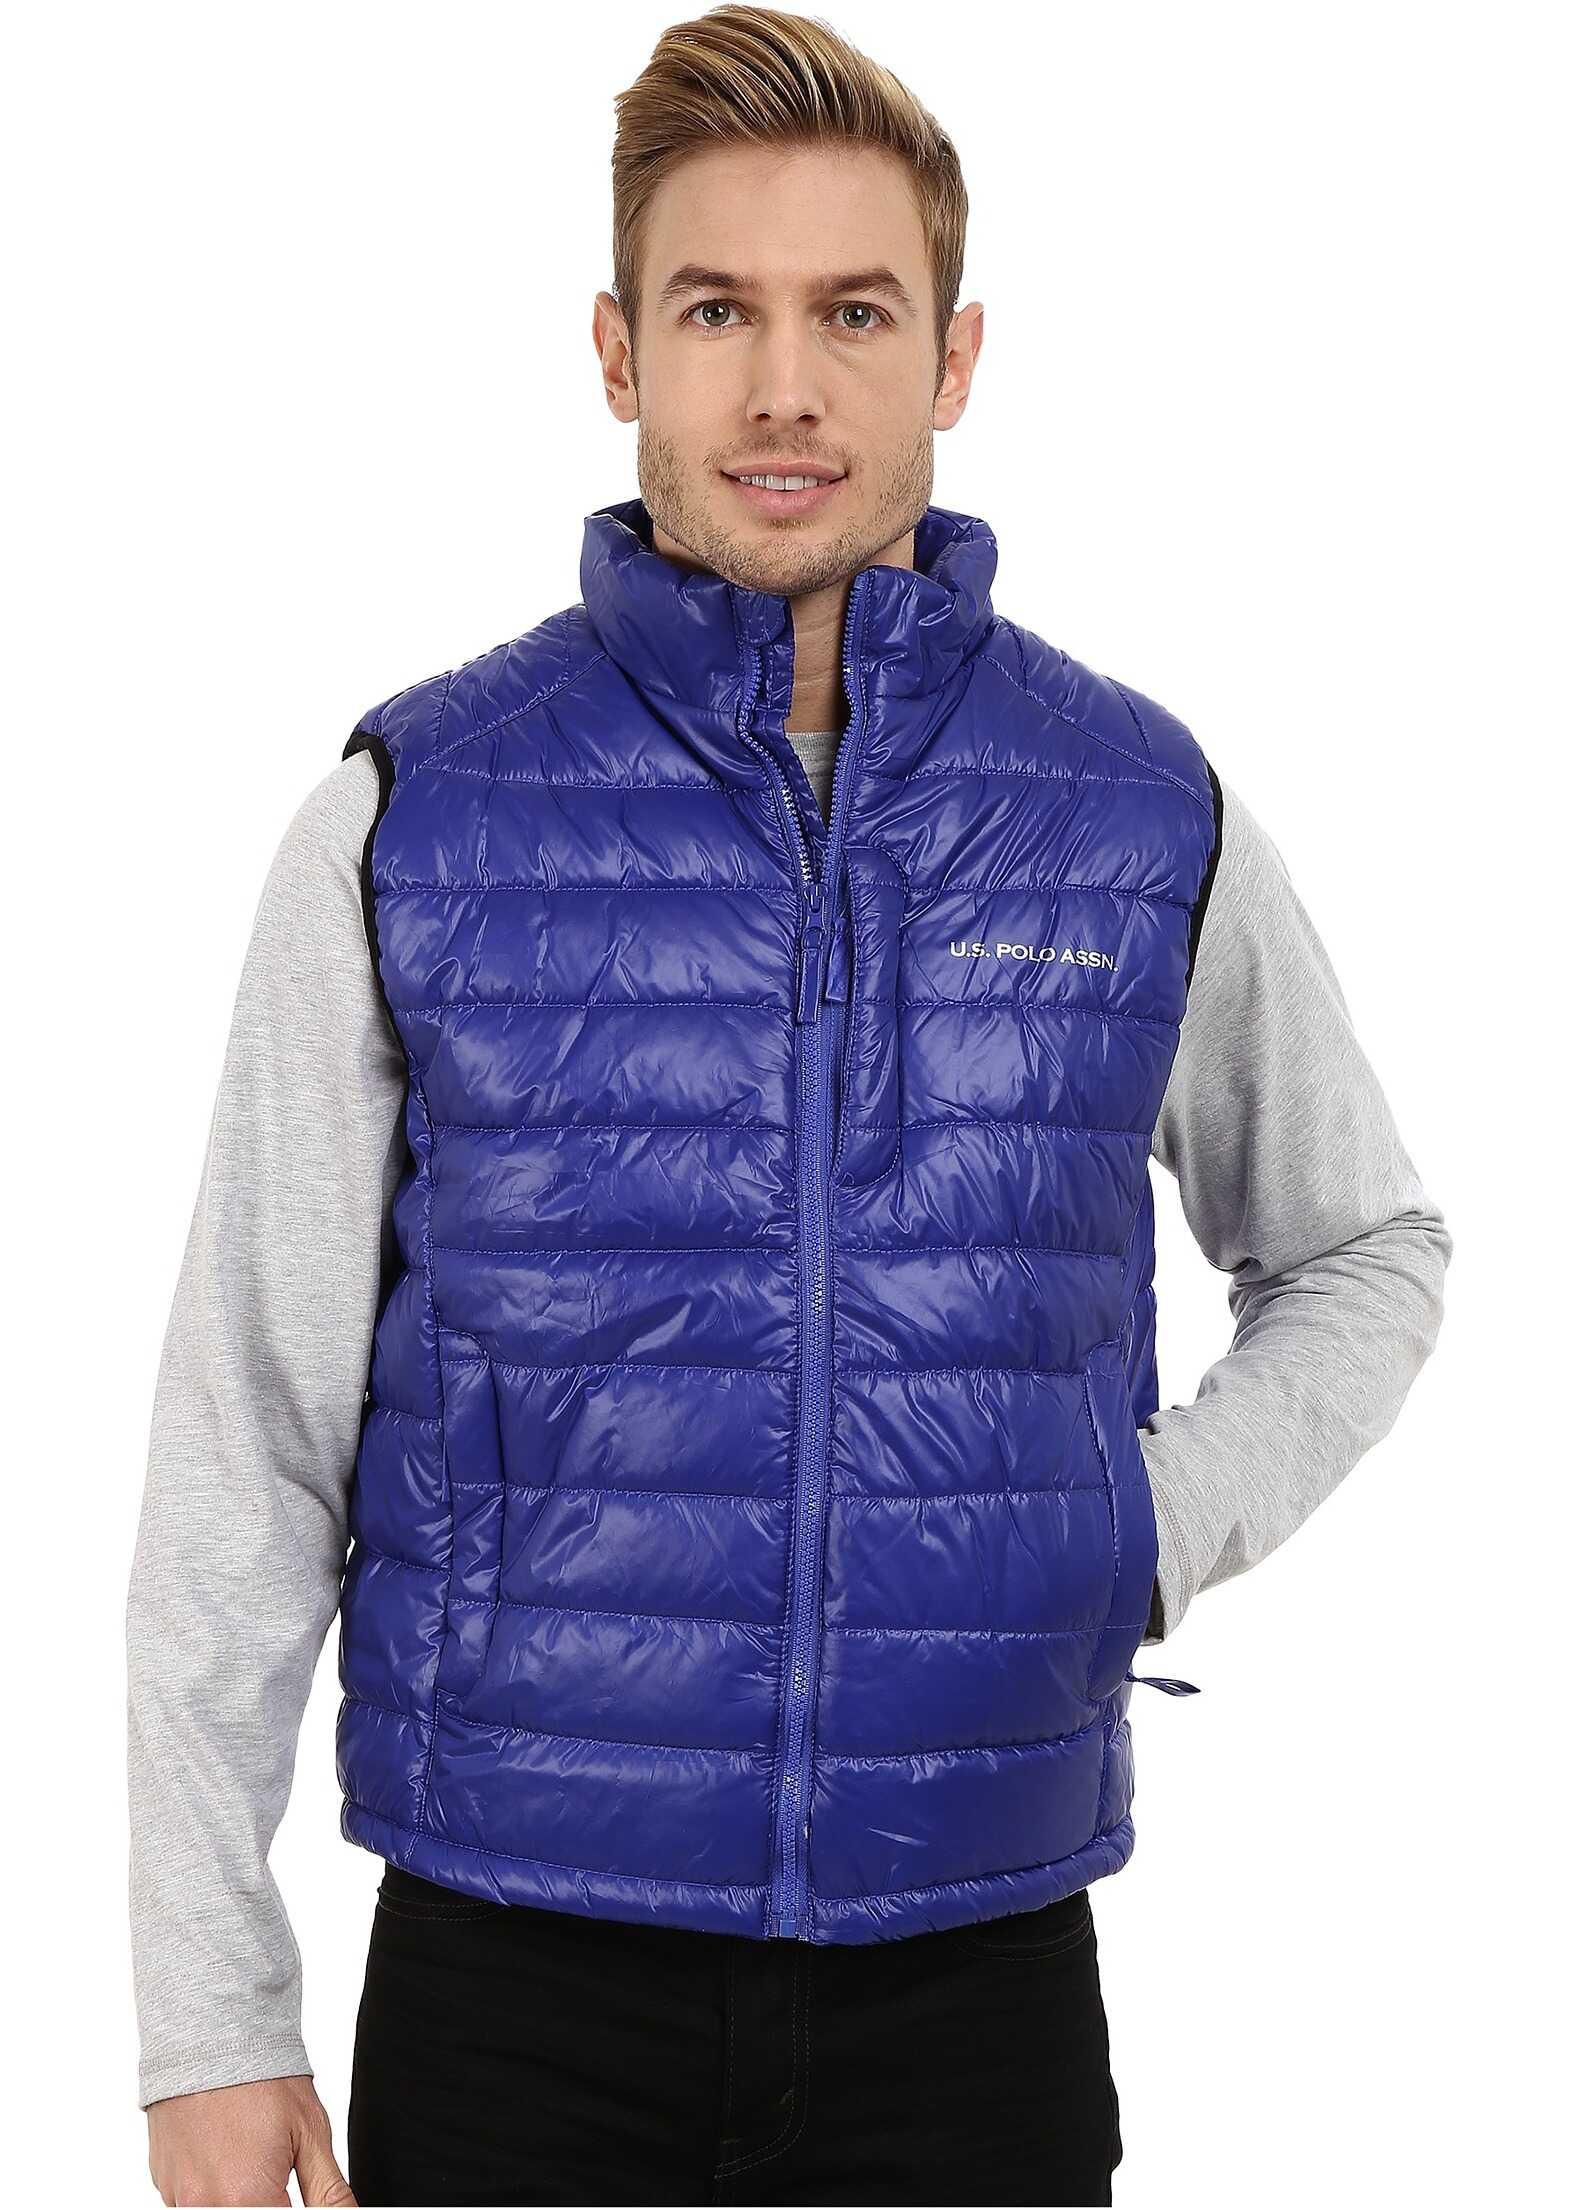 U.S. POLO ASSN. Small Chanel Puffer Vest Cobalt Blue